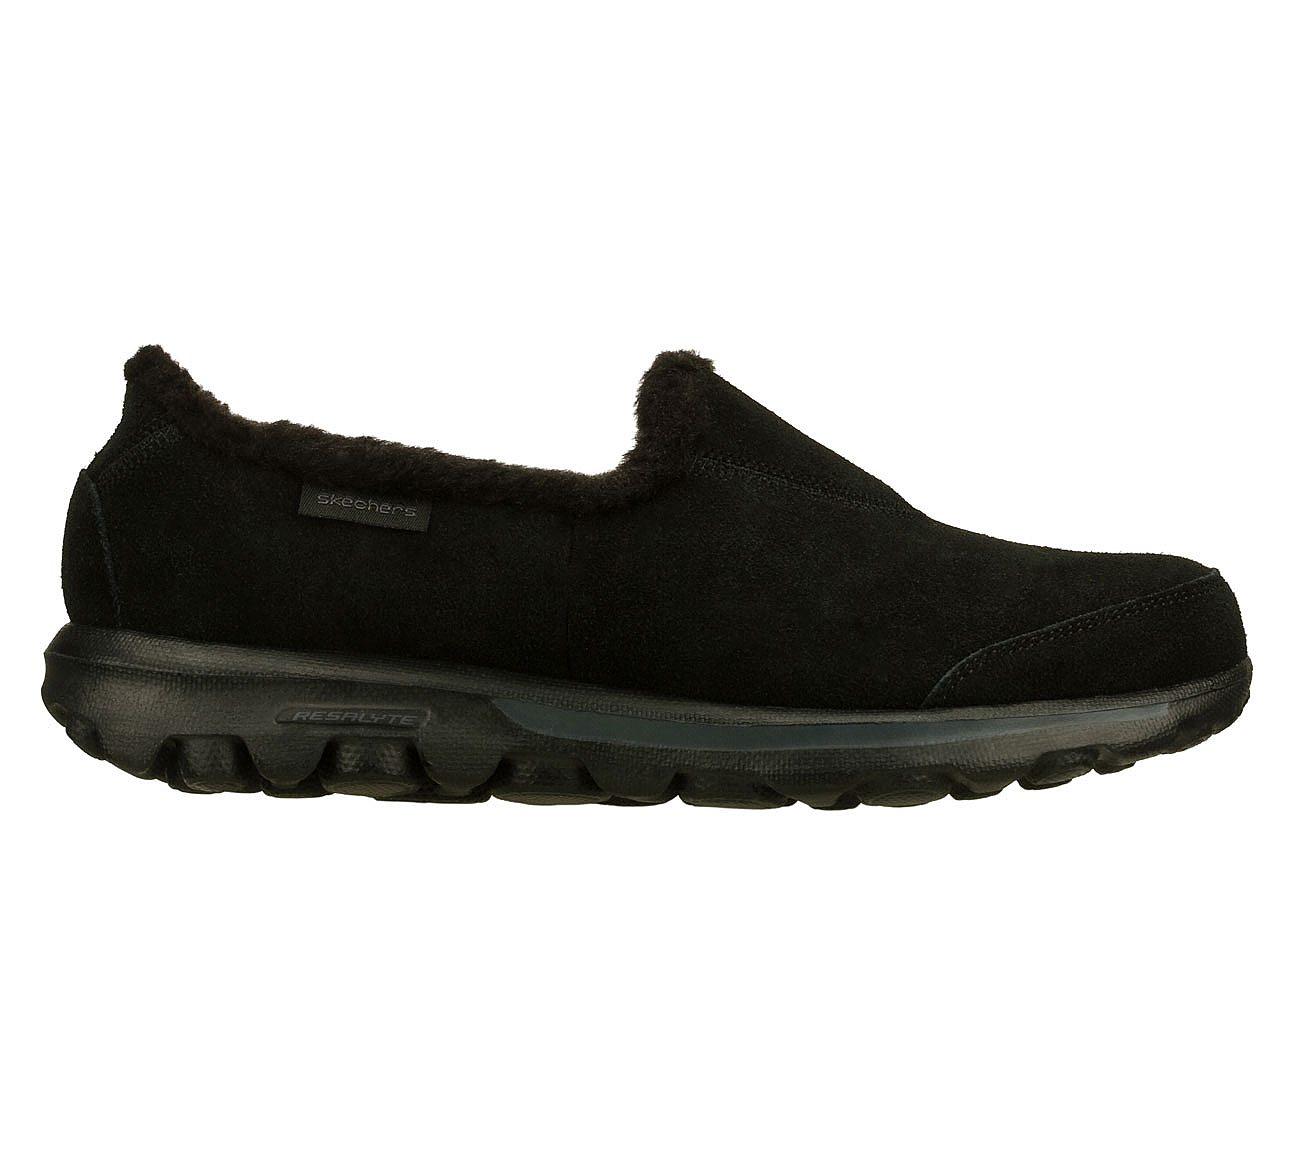 b1daaa00c520 Buy SKECHERS Skechers GOwalk - Fuzzy Skechers On the GO Shoes only ...